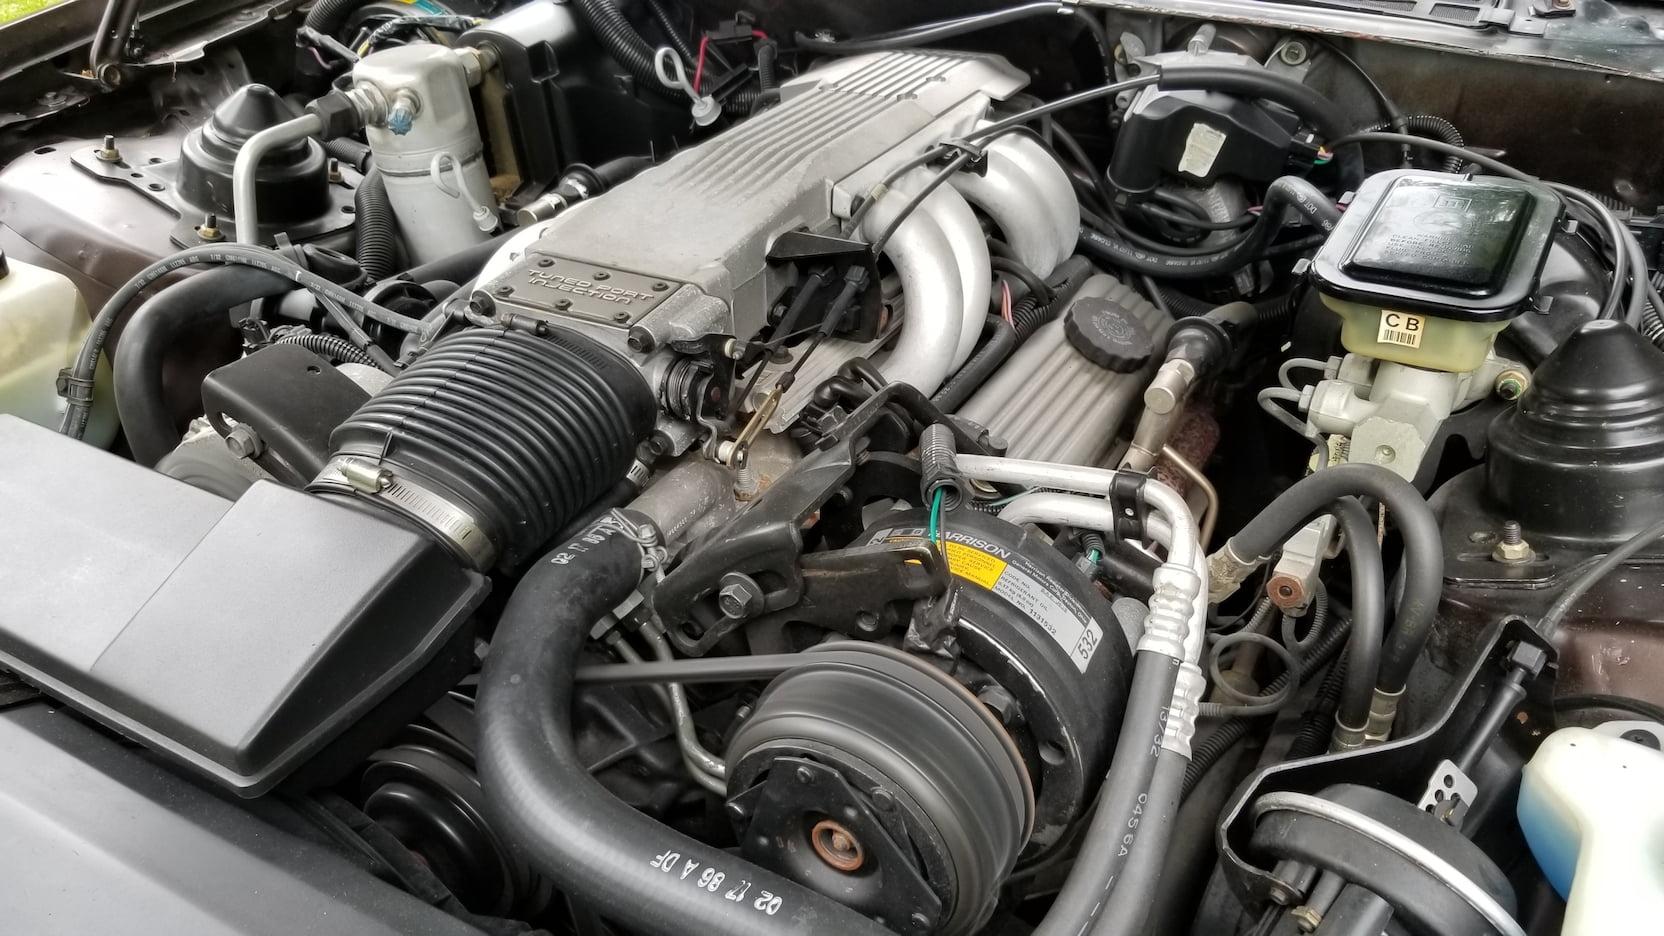 1986 Pontiac Trans Am engine